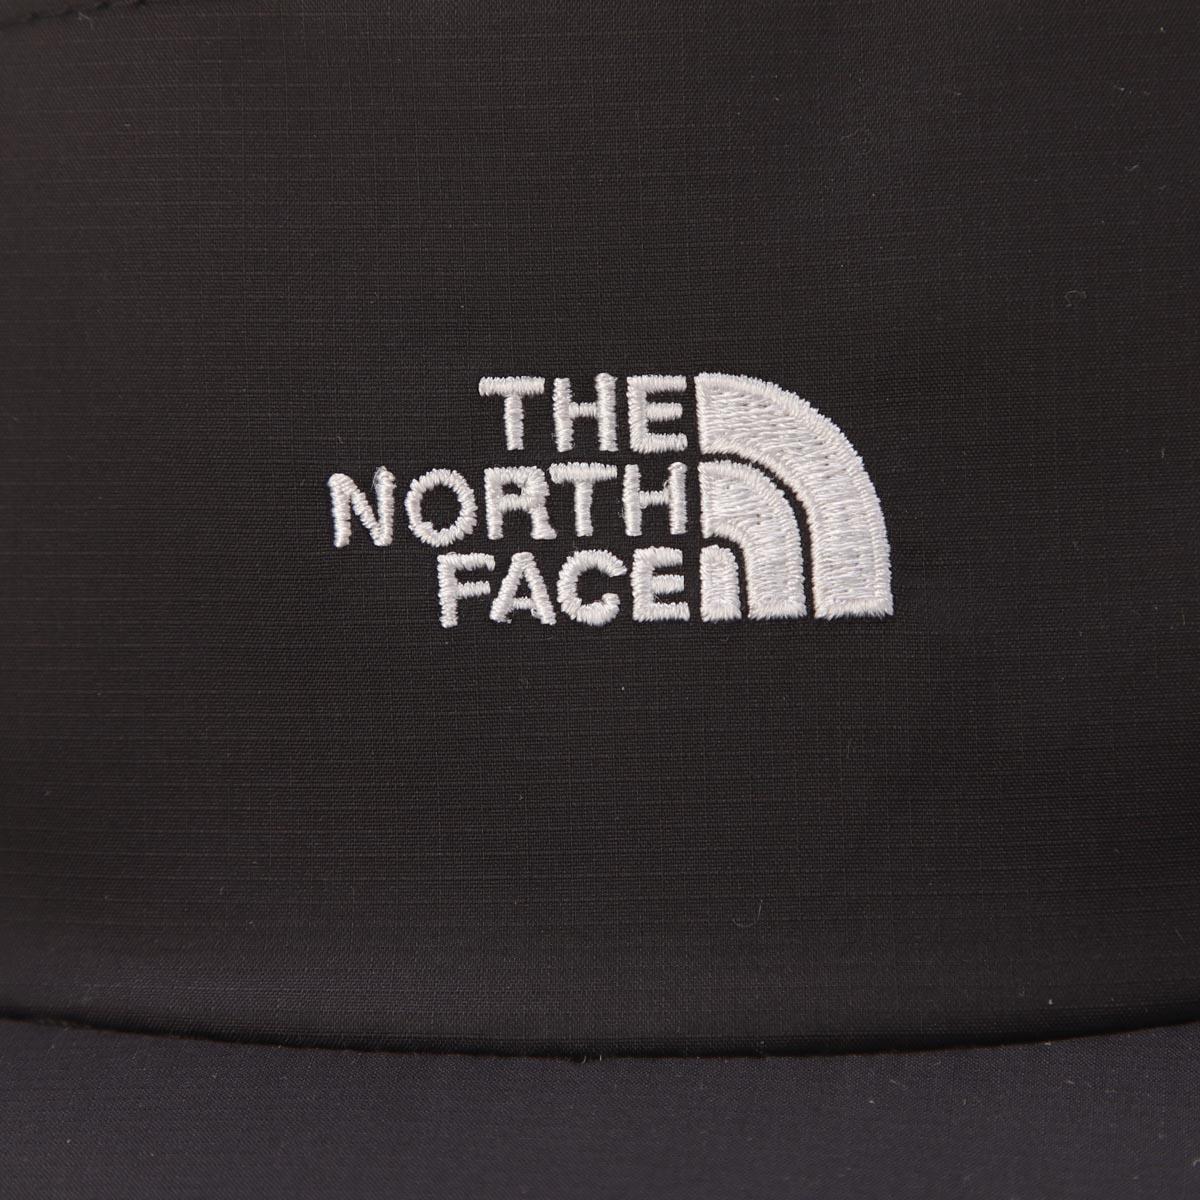 THE NORTH FACE ノースフェイス キャップ/ジェットキャップ キャンプキャップ メンズ